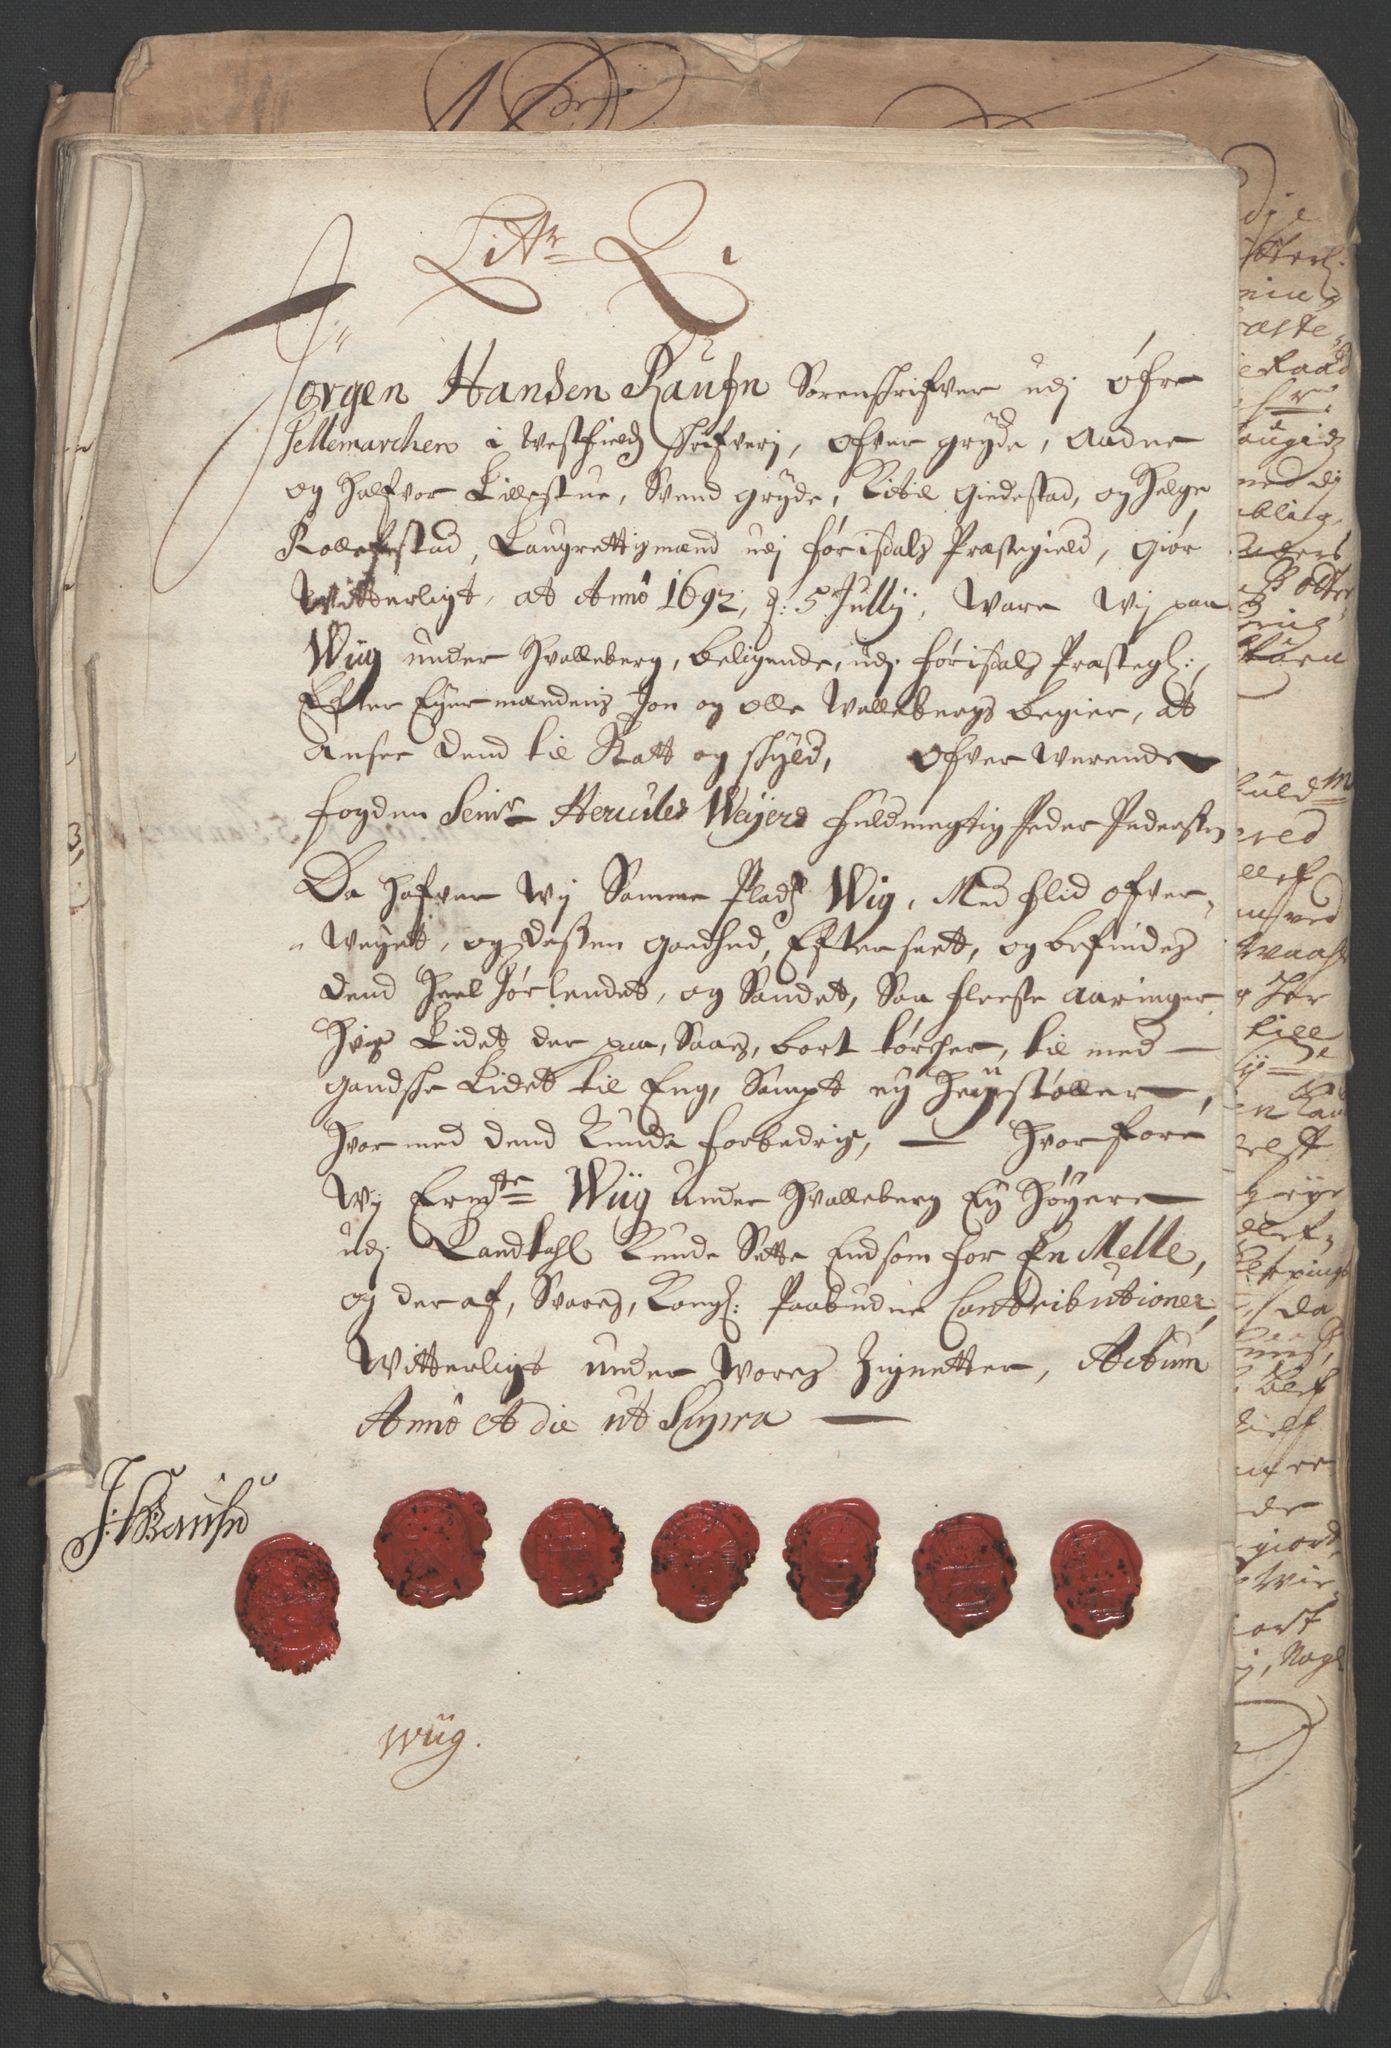 RA, Rentekammeret inntil 1814, Reviderte regnskaper, Fogderegnskap, R35/L2090: Fogderegnskap Øvre og Nedre Telemark, 1692, s. 17